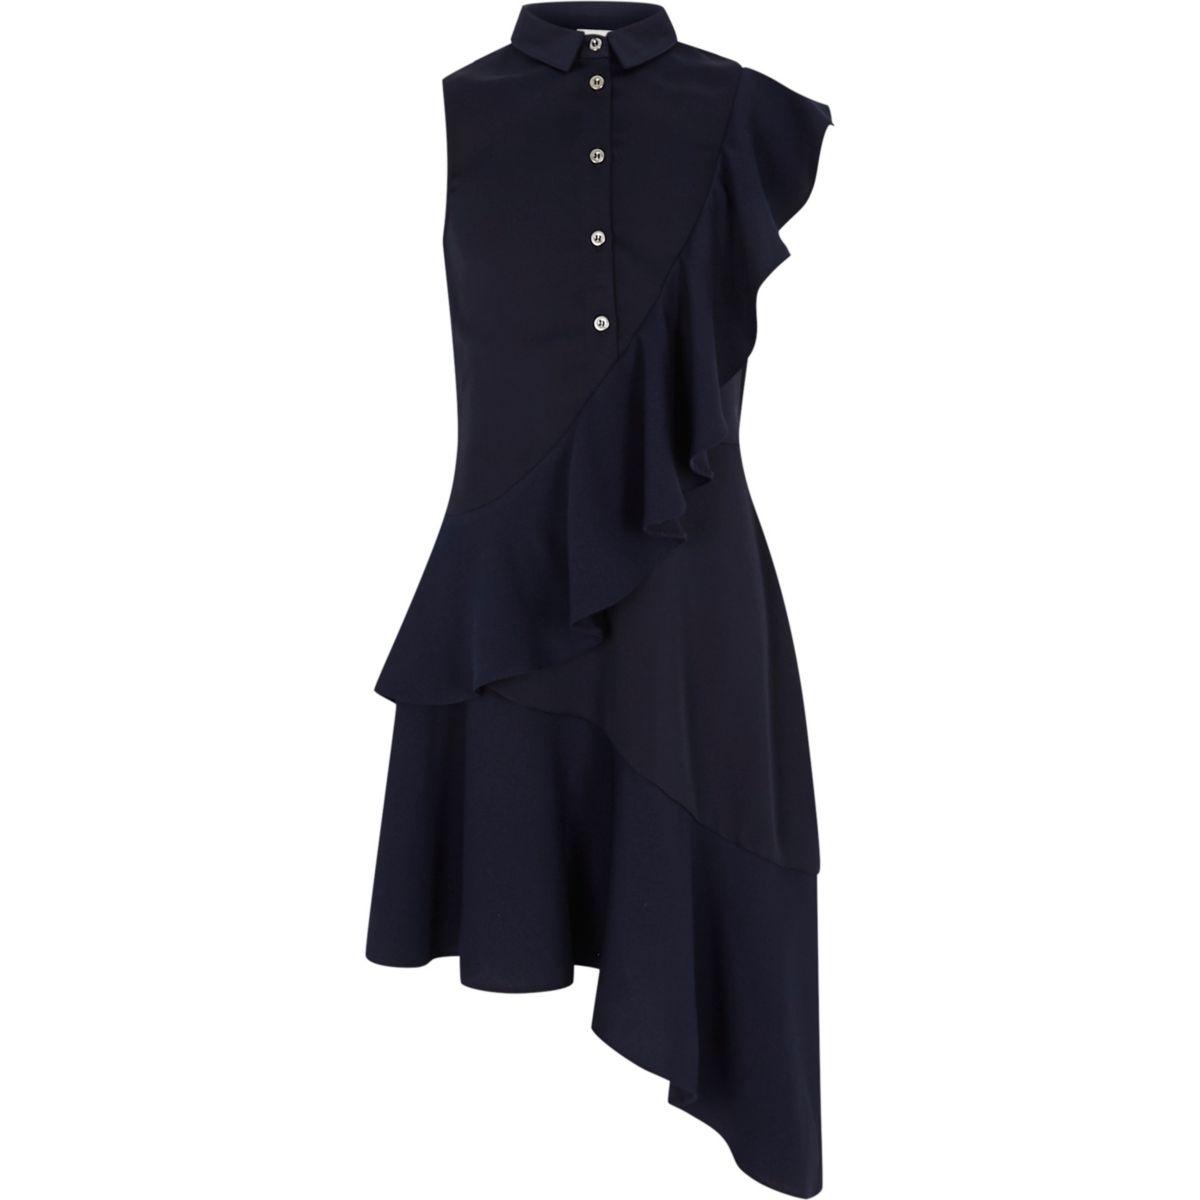 Girls navy asymmetric frill shirt dress